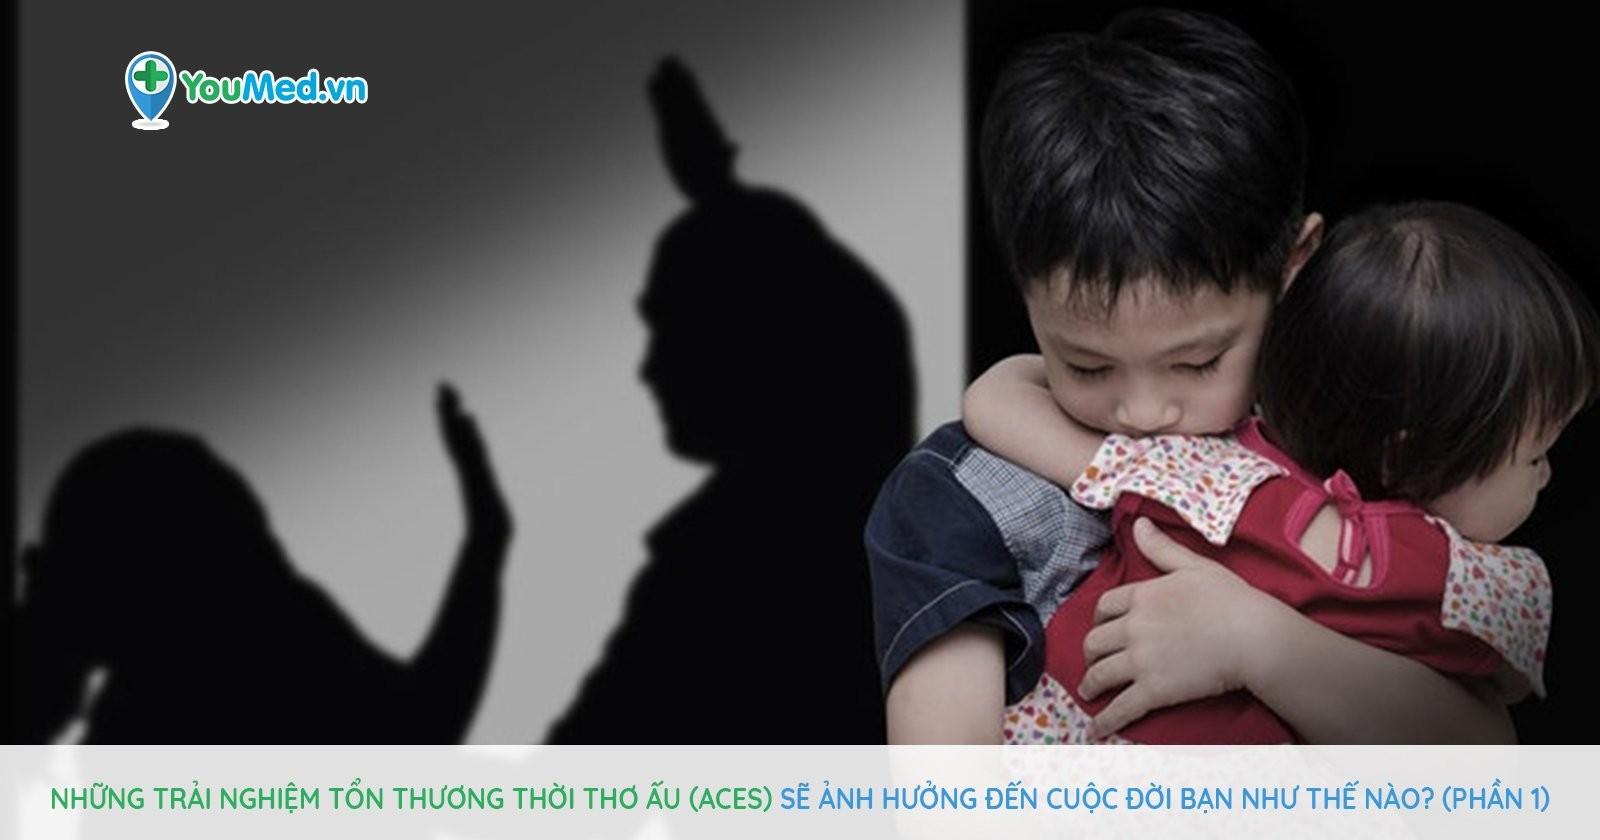 Những trải nghiệm tổn thương thời thơ ấu (ACEs) sẽ ảnh hưởng đến cuộc đời bạn như thế nào? (Phần 1)